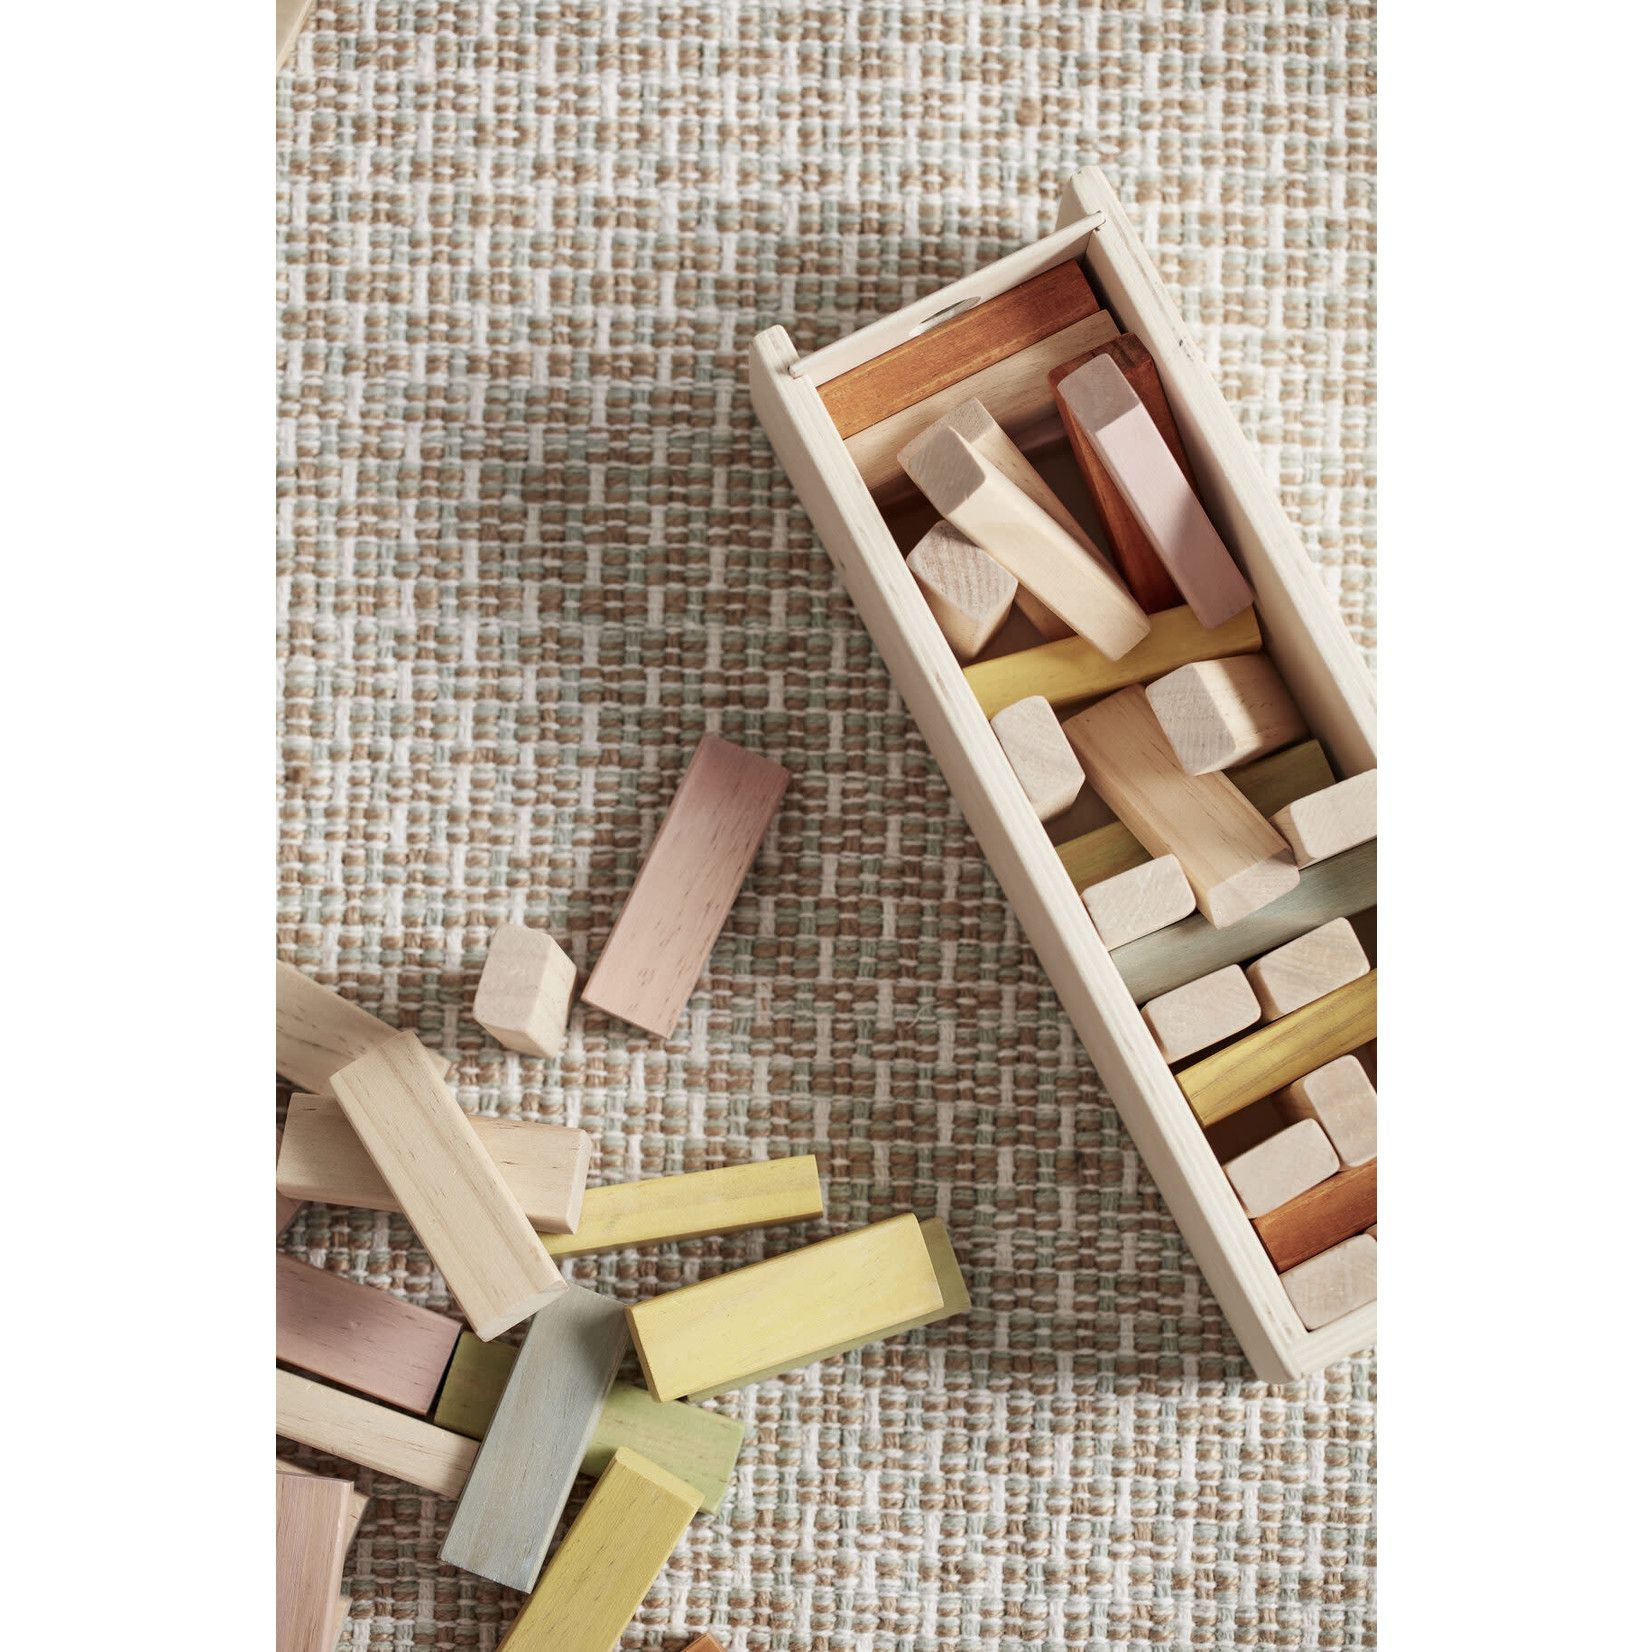 Kid's Concept Houten blokjes in doos